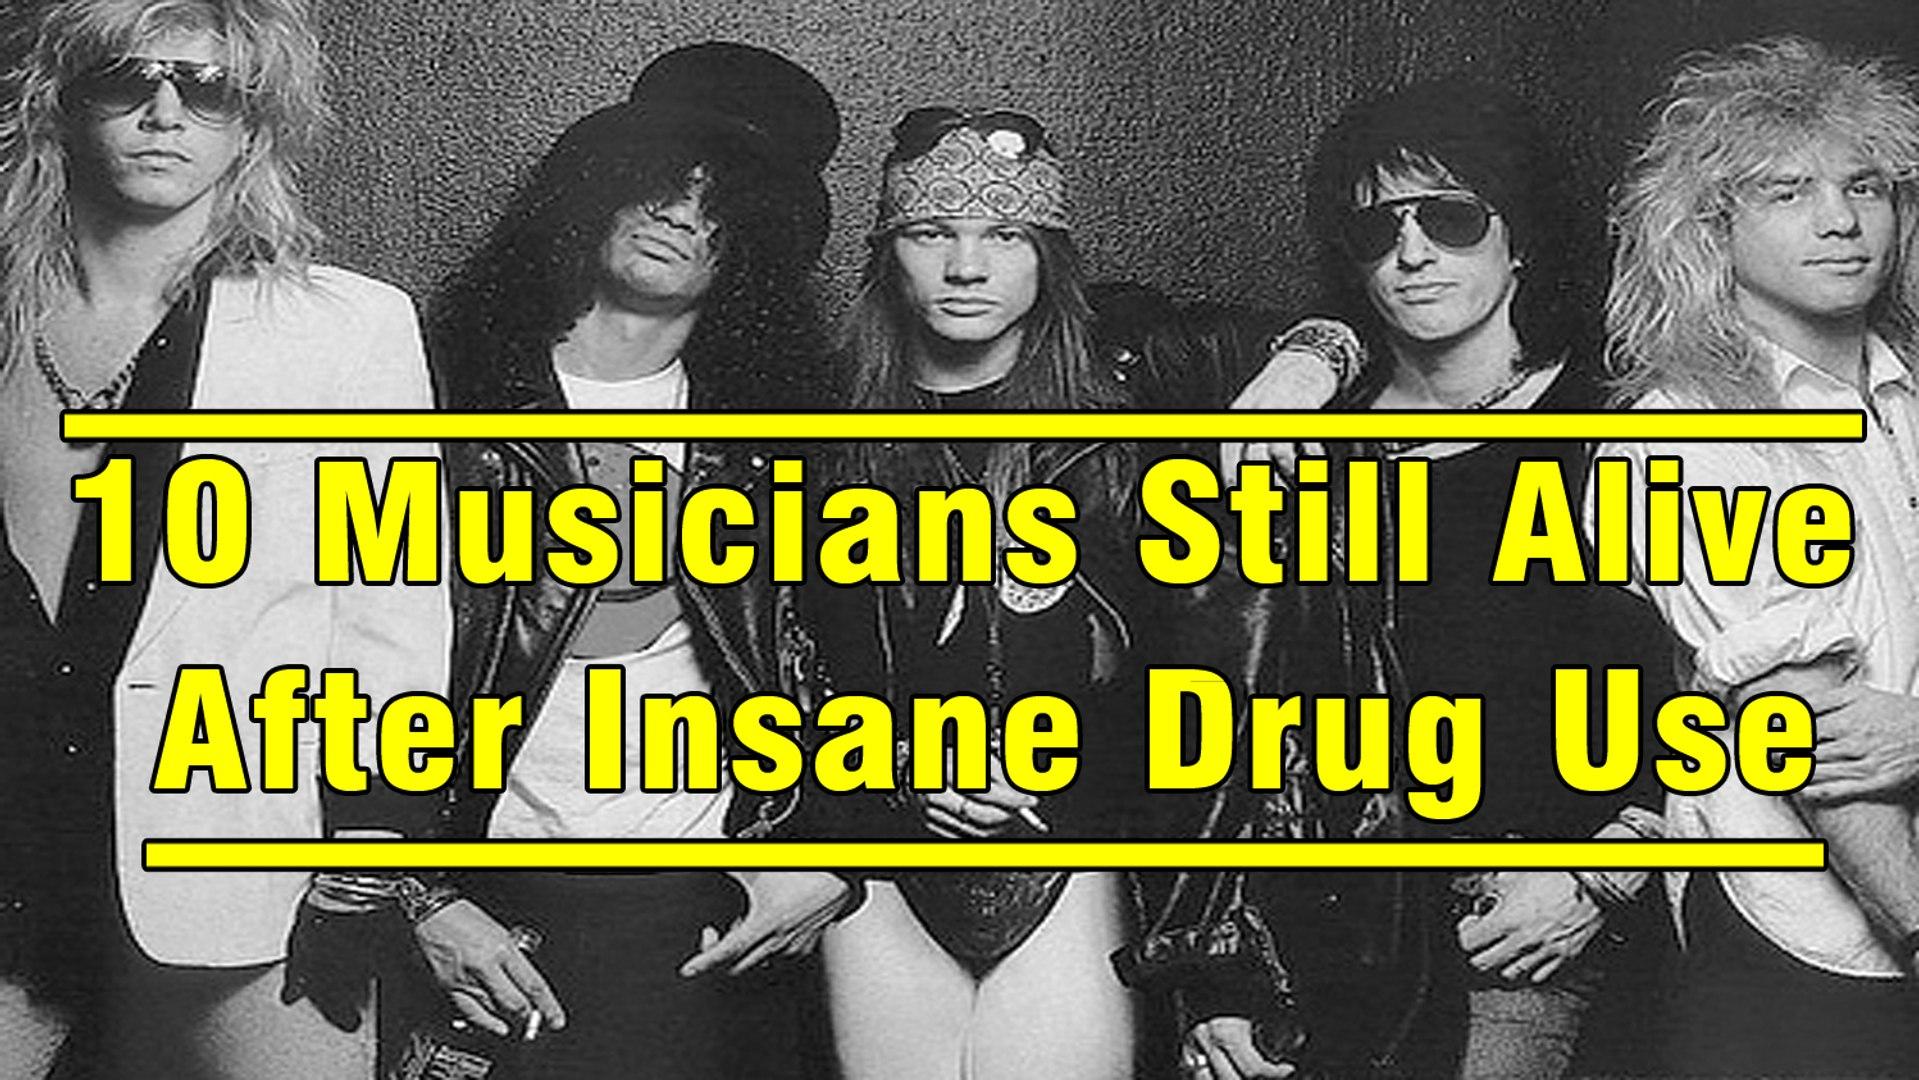 10 Musicians Still Alive After Insane Drug Use